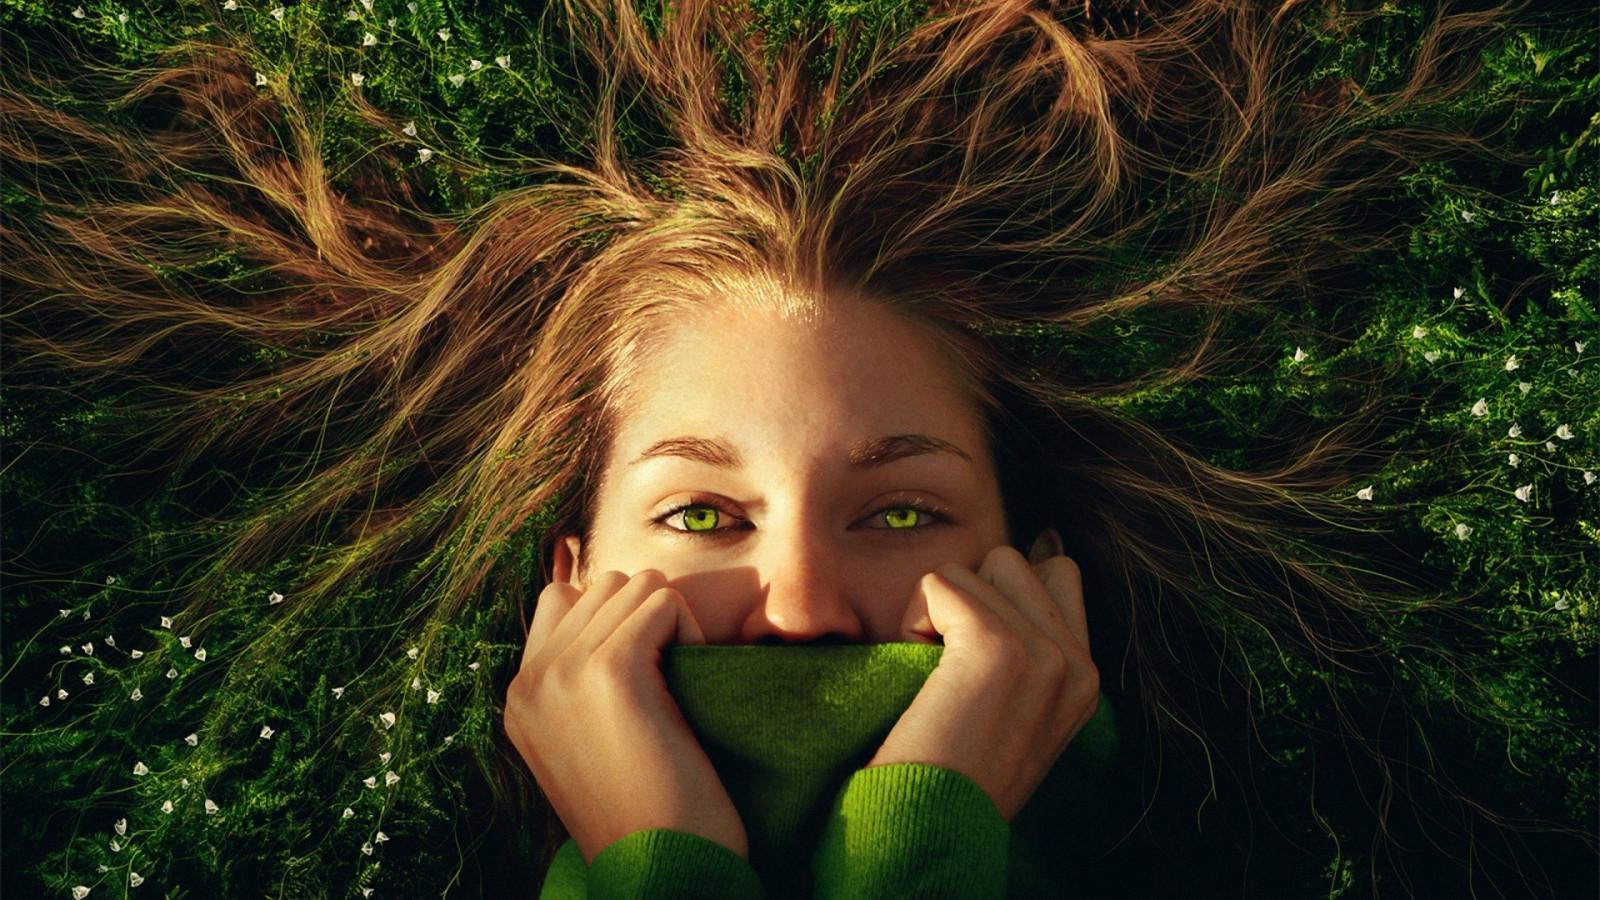 Wallpaper Face Sunlight Forest Women Model Nature